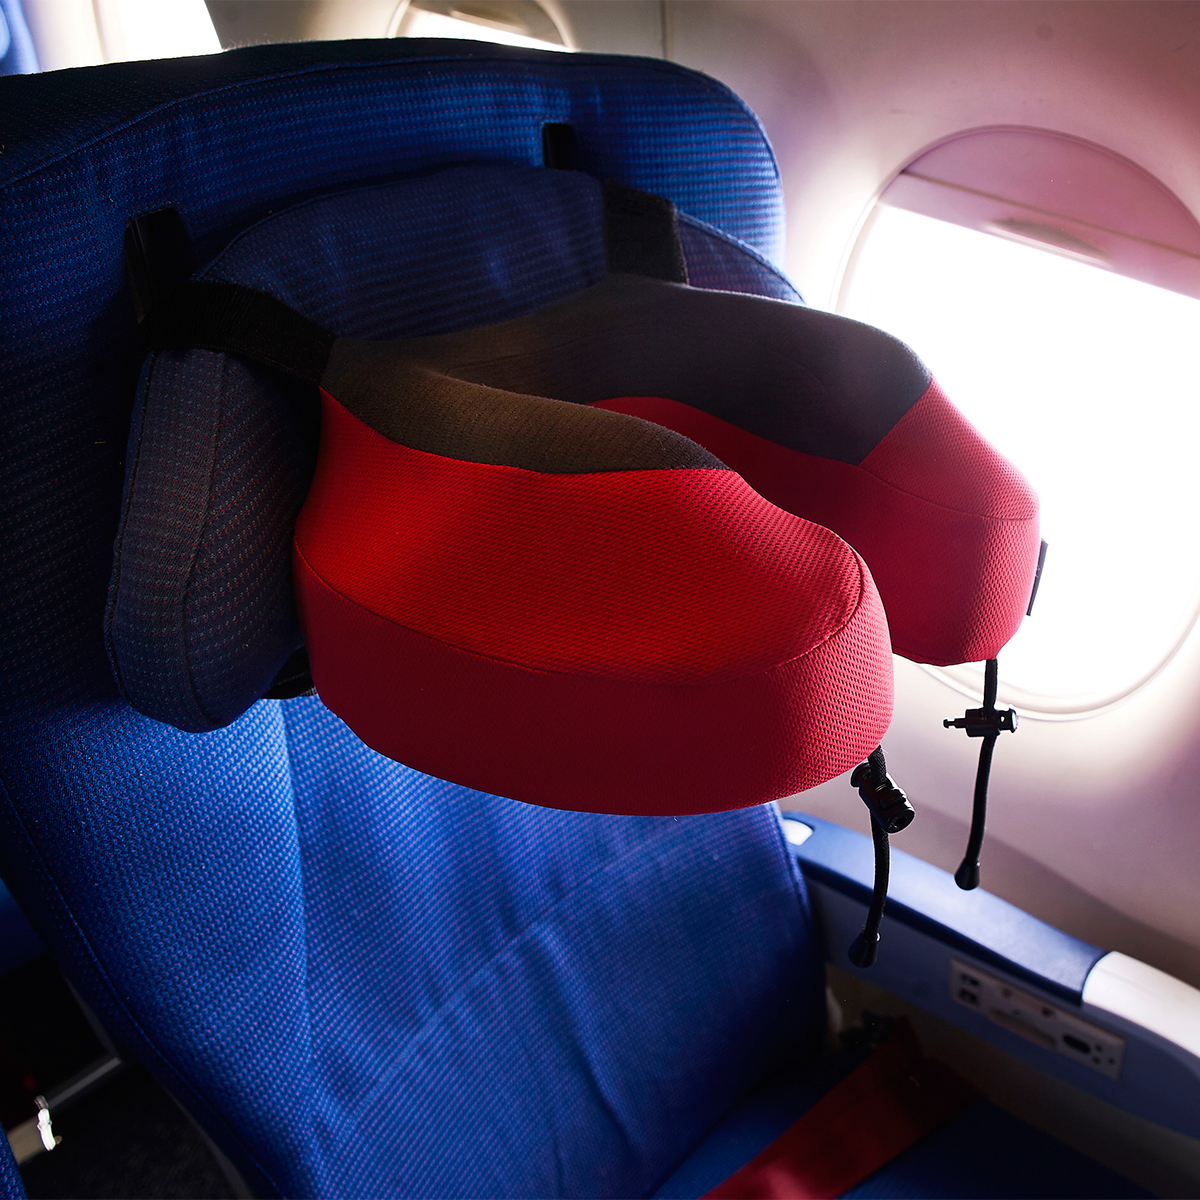 頭を座席シートと一体化できるストラップつき。さらに、どんな角度からも頭を受け止める凸凹設計のトラベル枕|cabeau